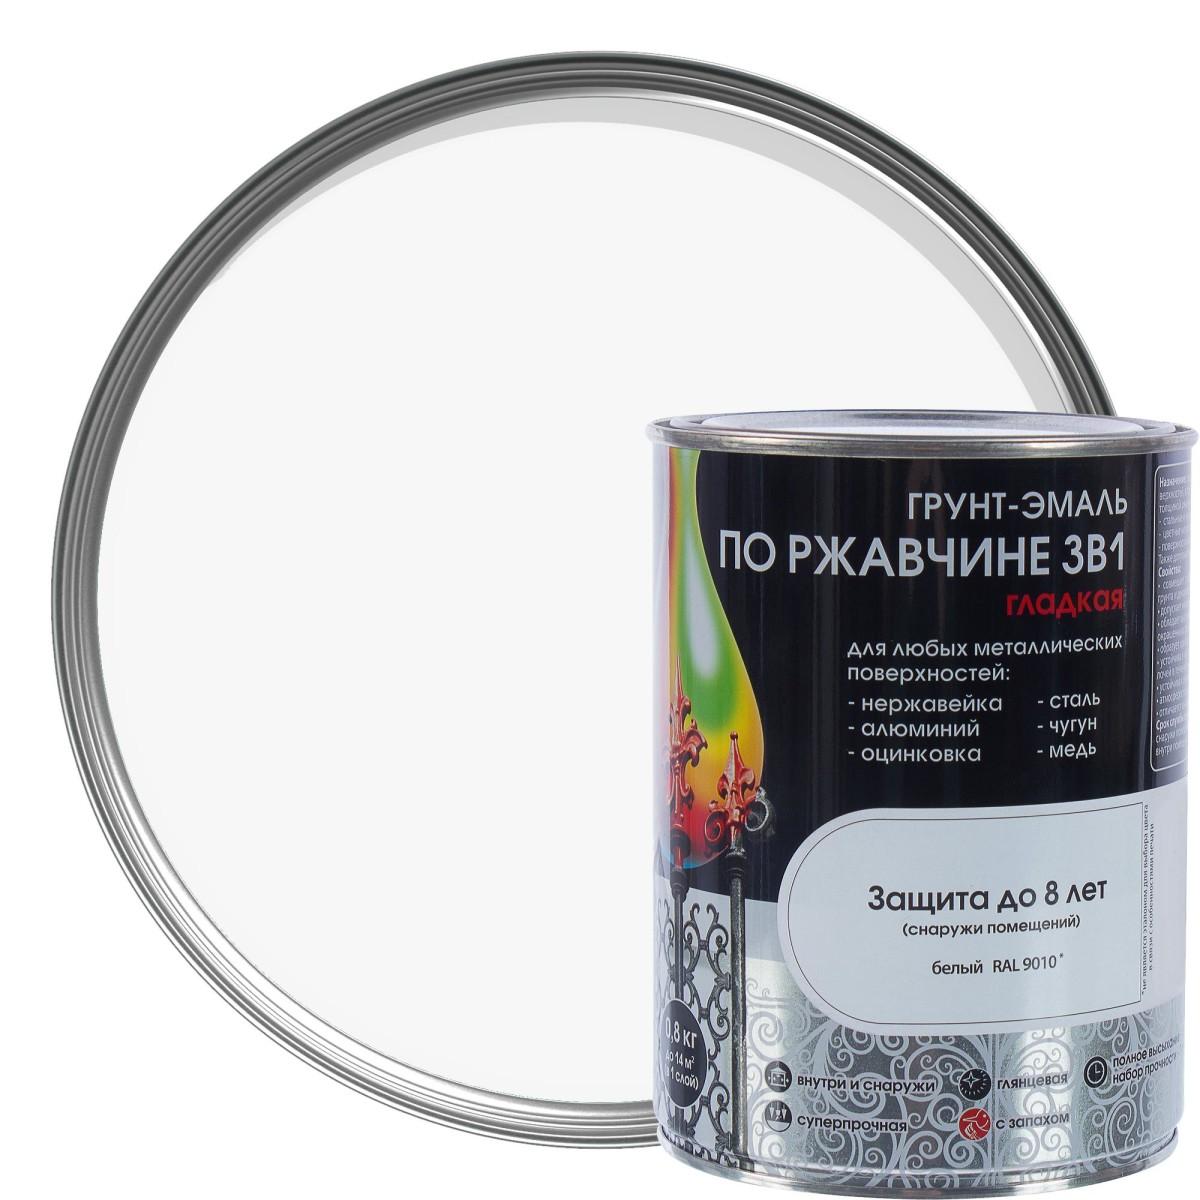 Грунт эмаль по ржавчине 3 в 1 гладкая Dali Special цвет белый 0.8 кг